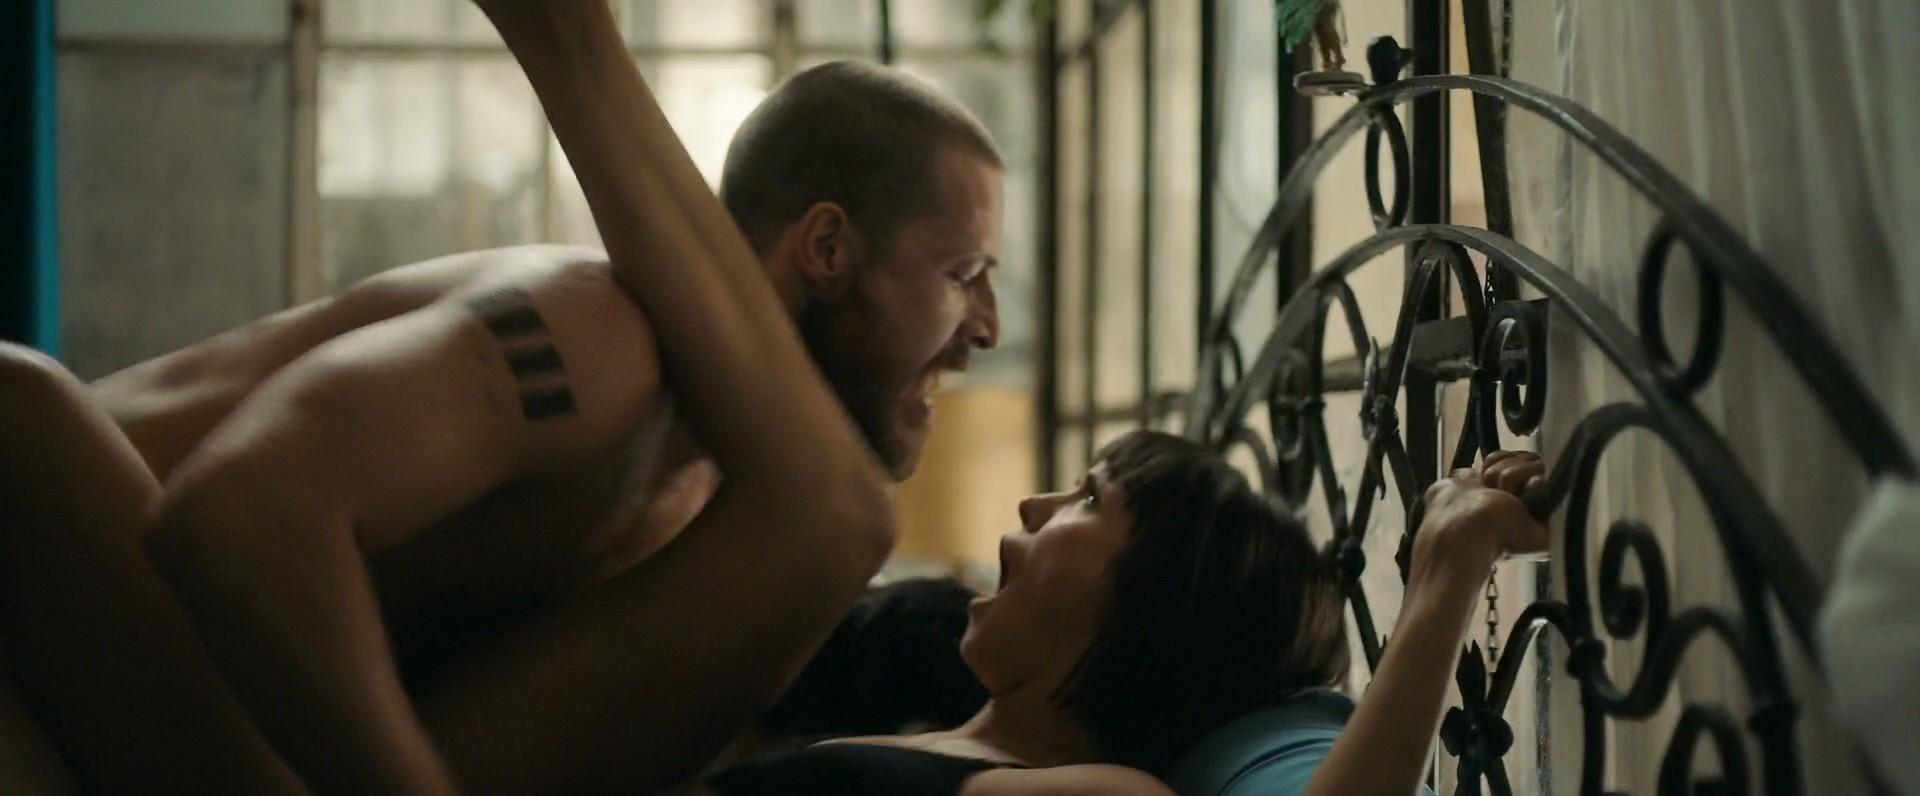 Nina Dobrev sexy and hot sex - Lucky Day (2019) 1080p WEB (11)